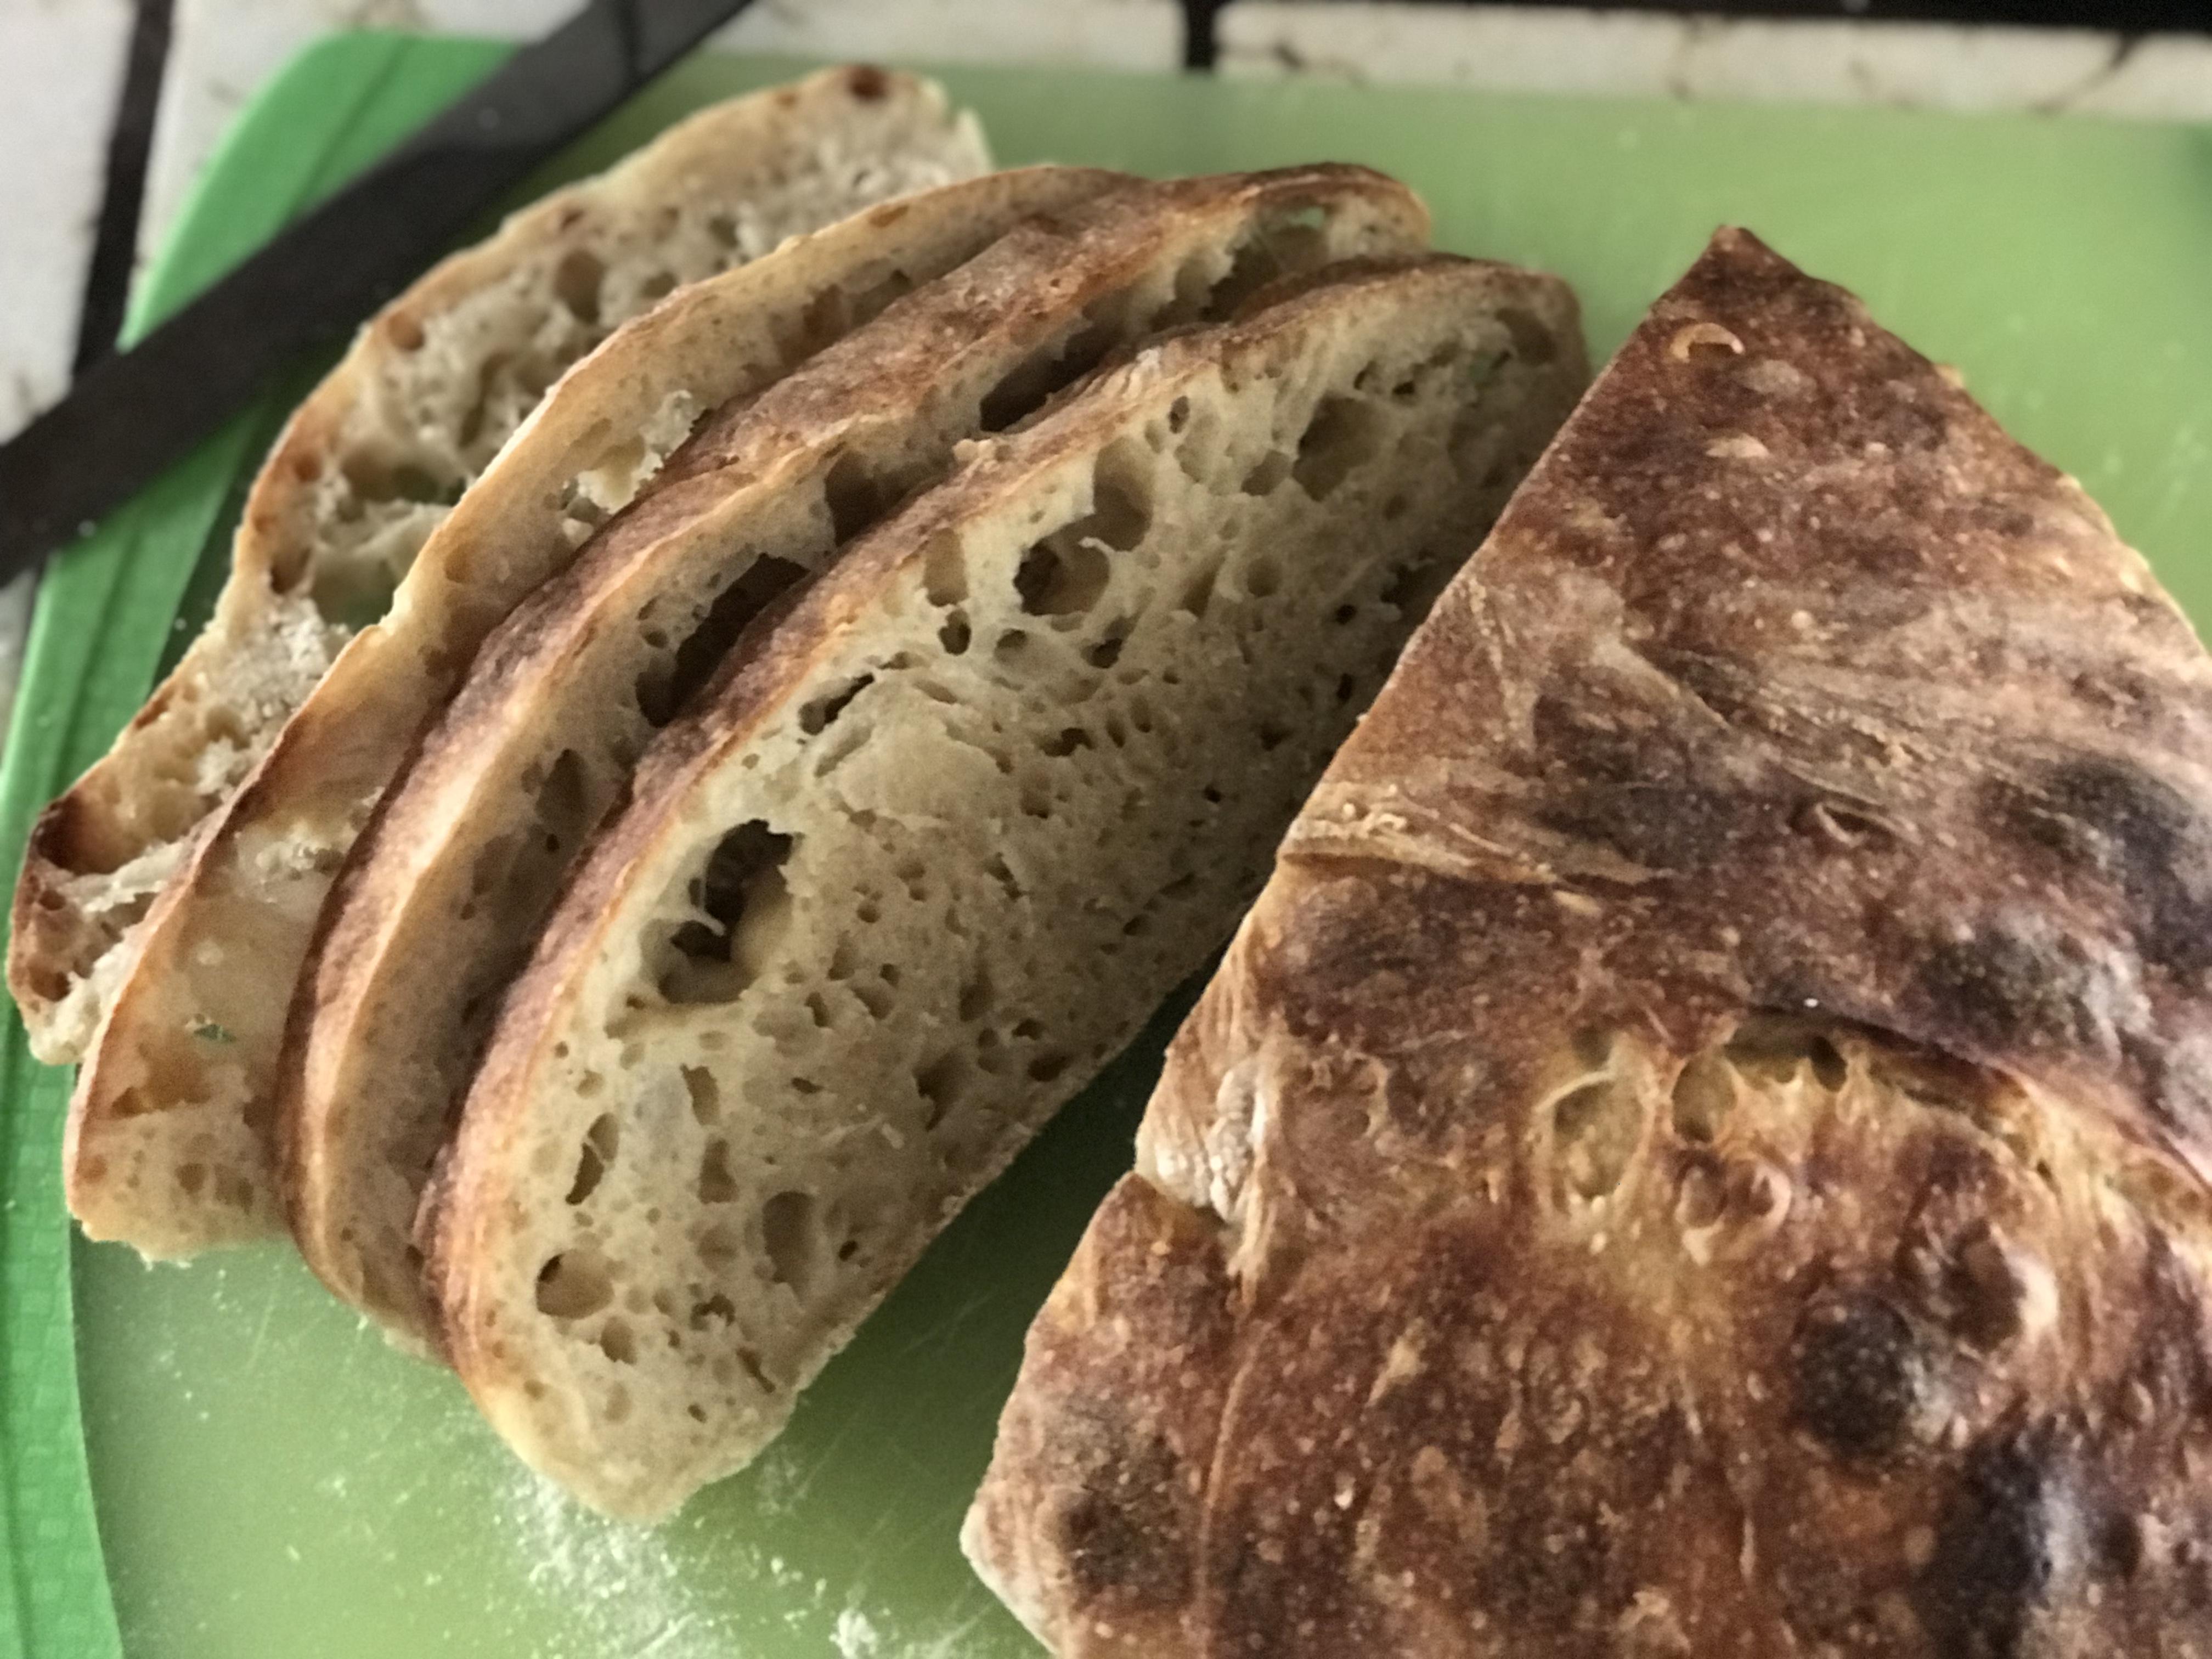 Chef John's Sourdough Bread Trkeillor